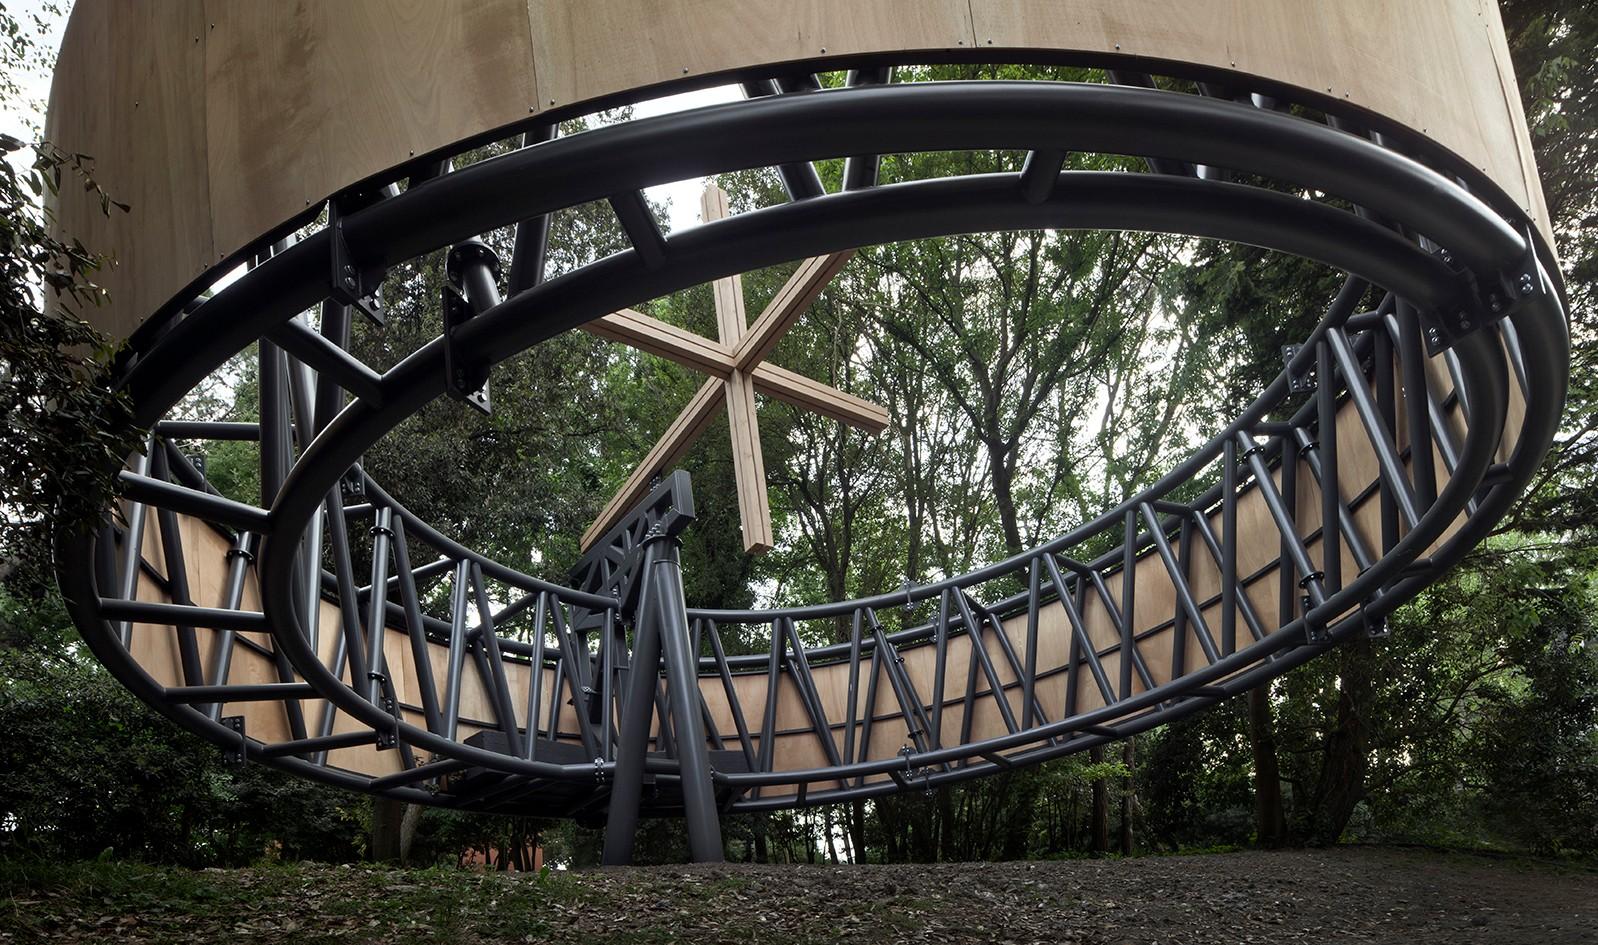 Javier Corvalán, progetto realizzato con l'azienda Simeon, specializzata in strutture in acciaio, alluminio, legno e vetro. © AC_ Photo by Alessandra Chemollo